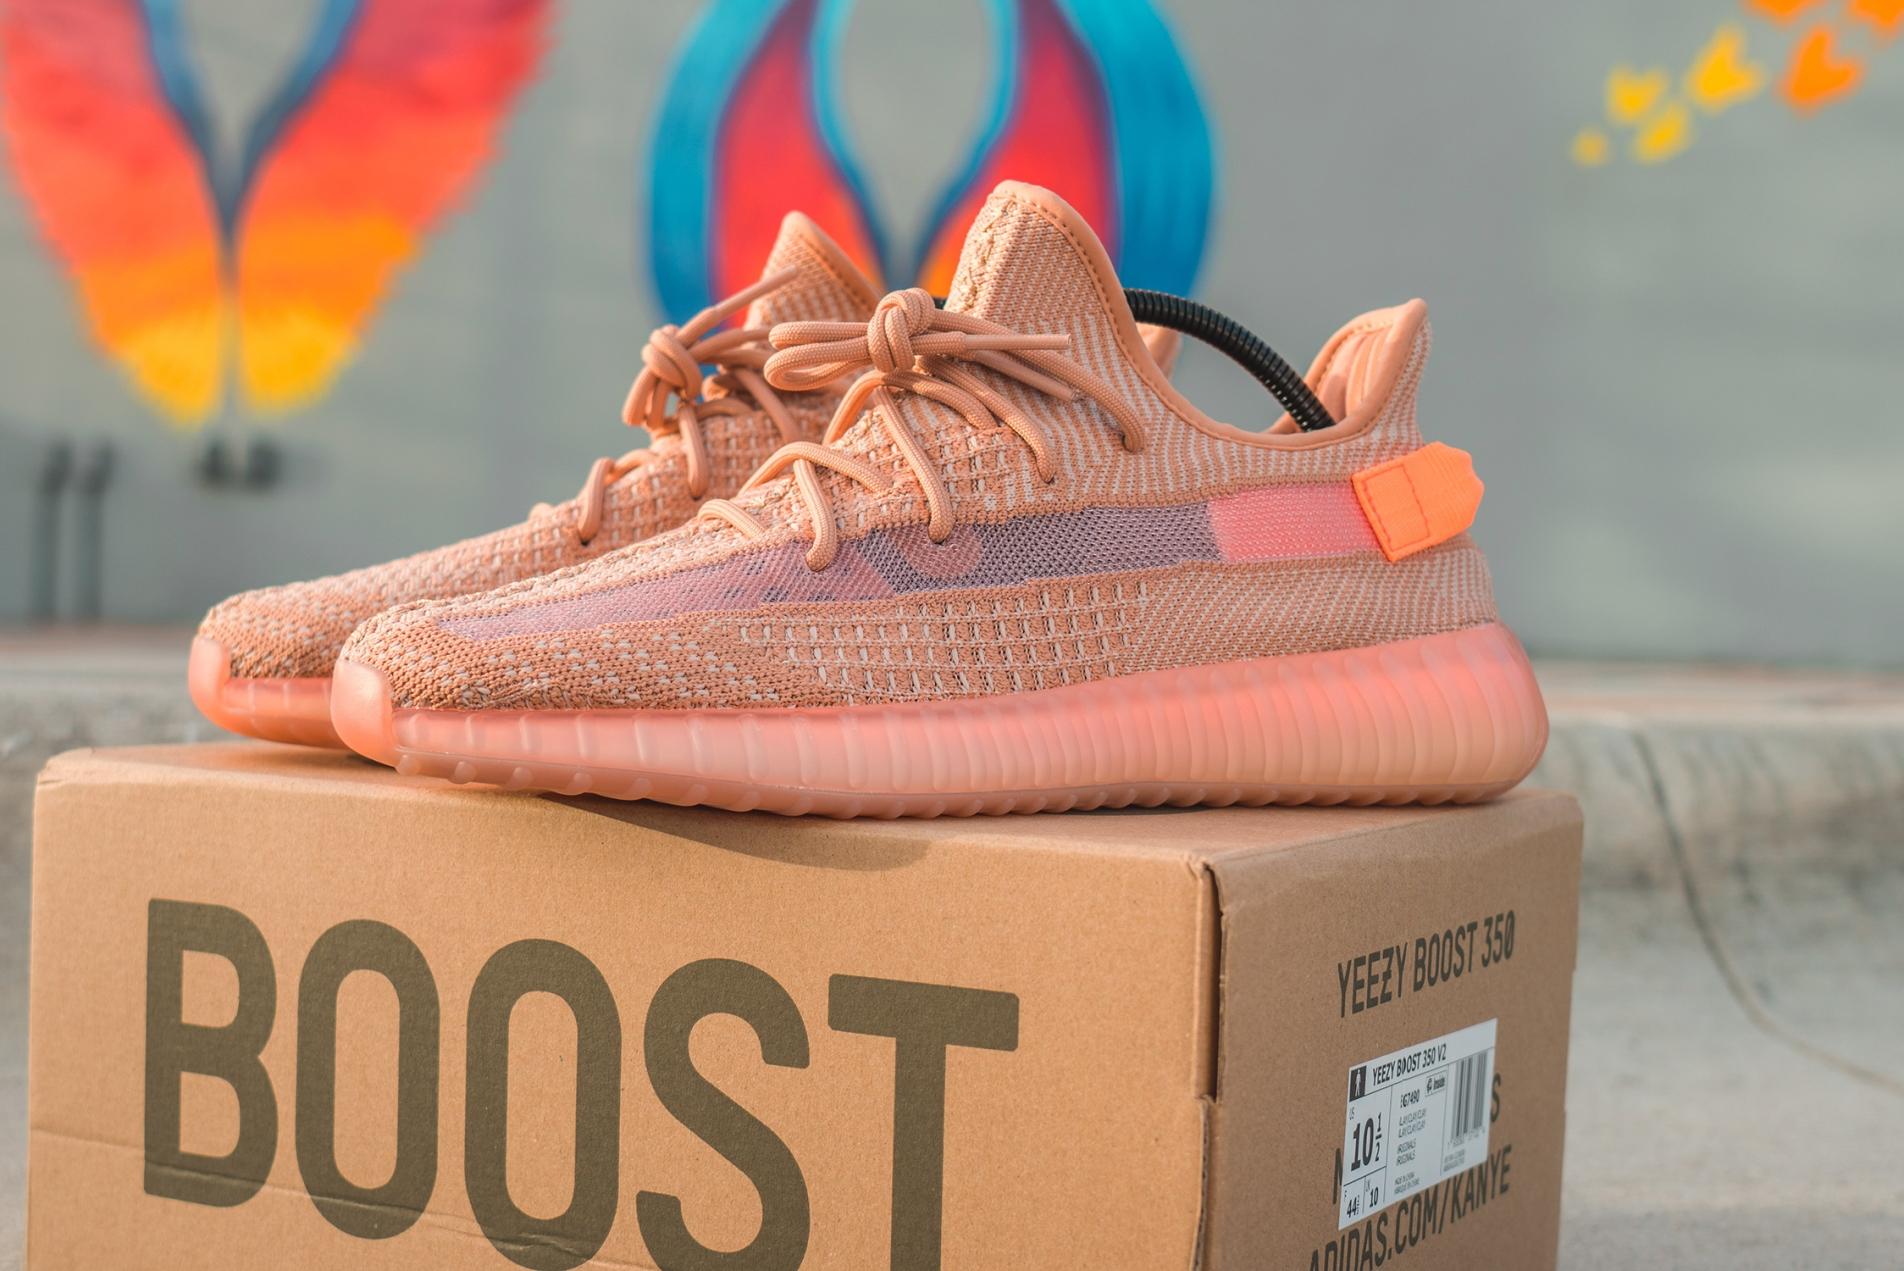 adidas-yeezy-boost-350-v2-clay-9